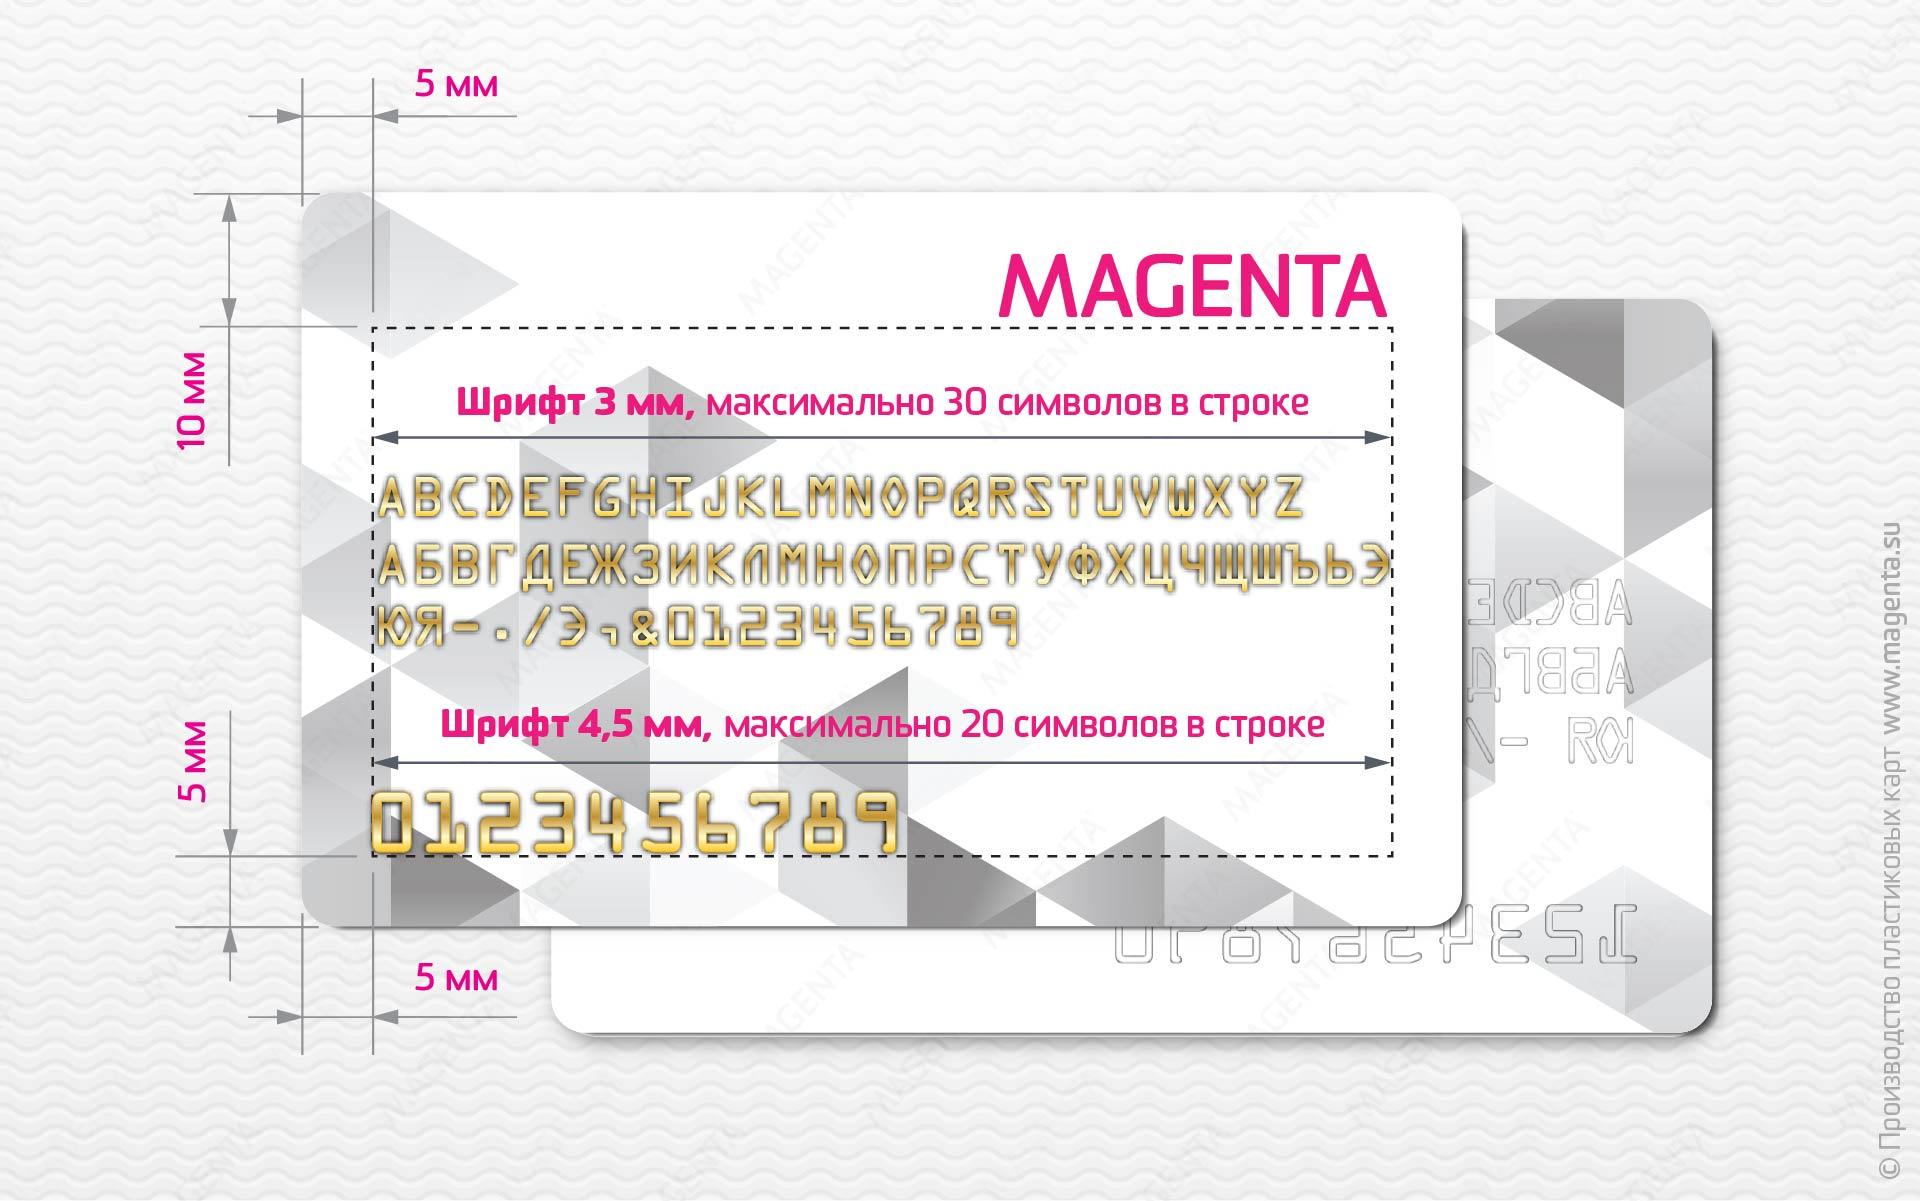 Шрифты, используемые при эмбоссировании пластиковых карт5c5ac0f0ae963